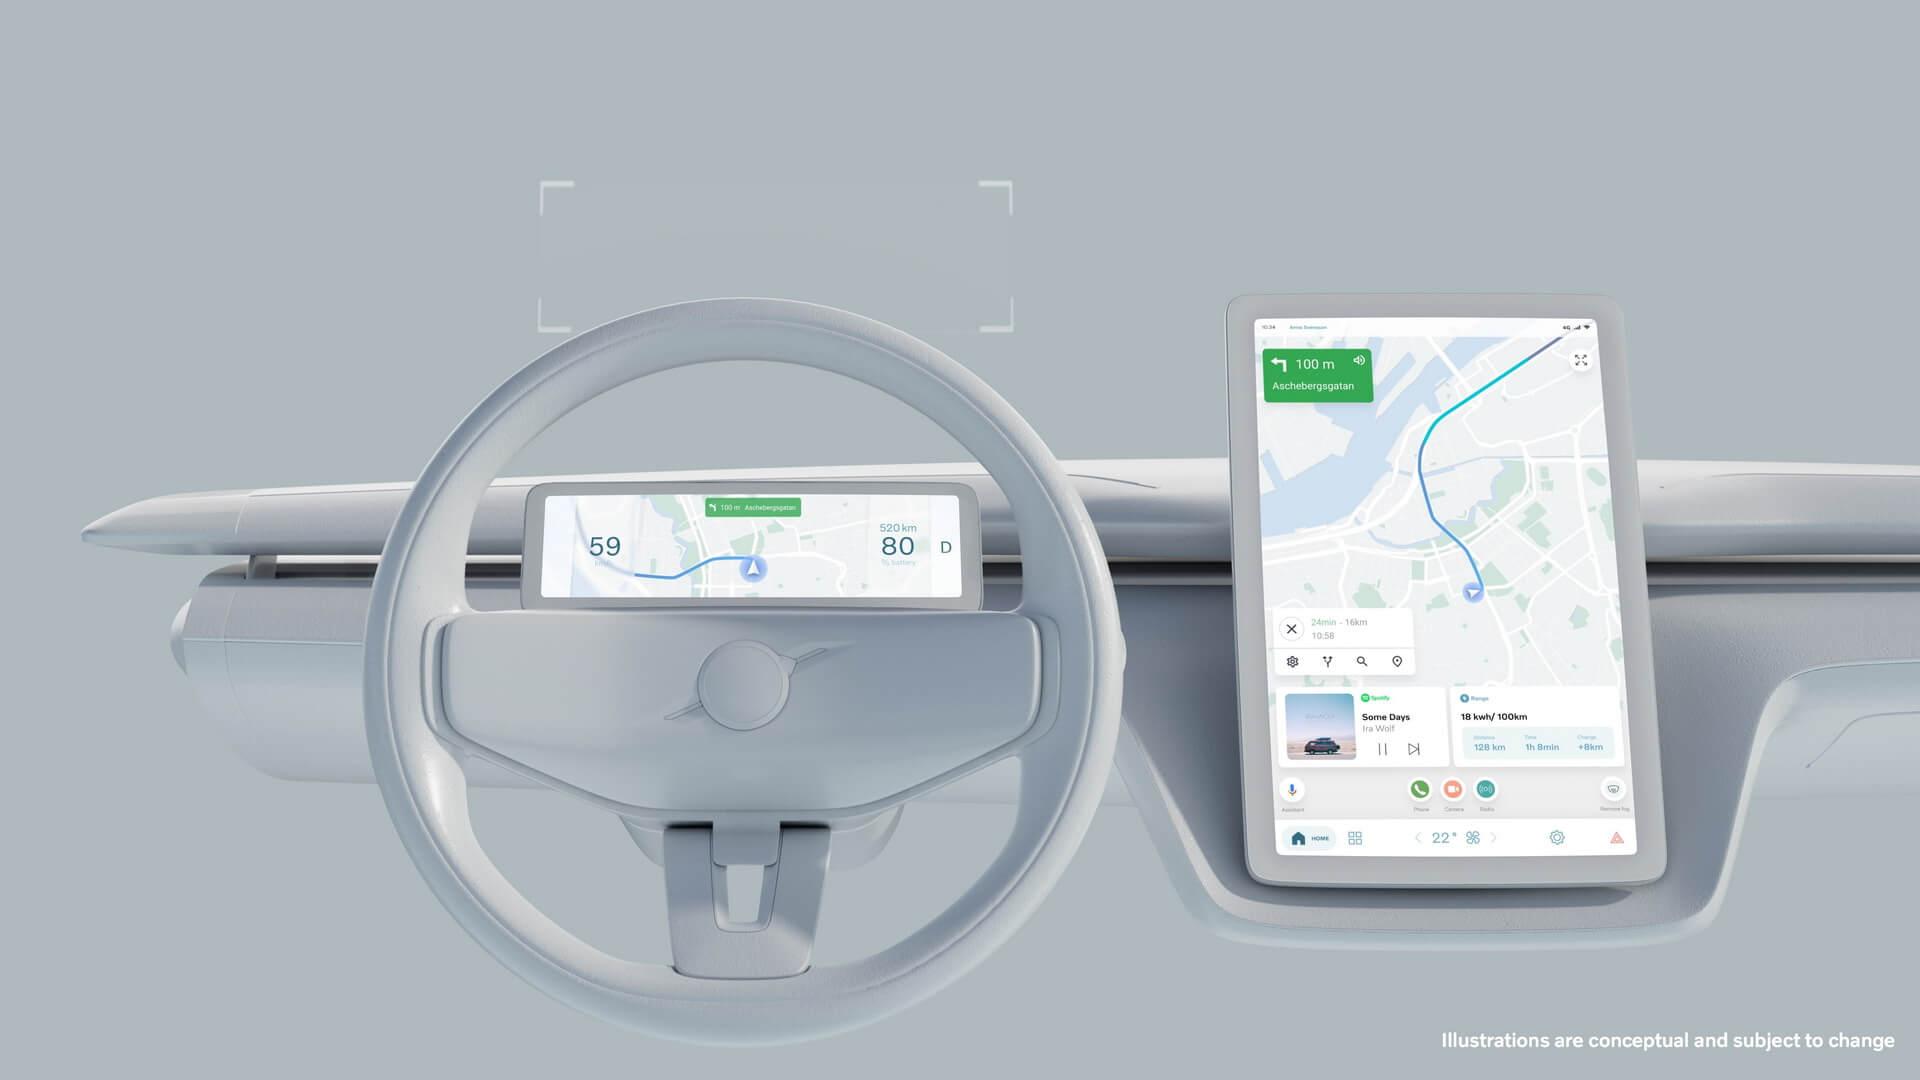 Будущие автомобили Volvo также оснастят большим централизованным сенсорным экраном